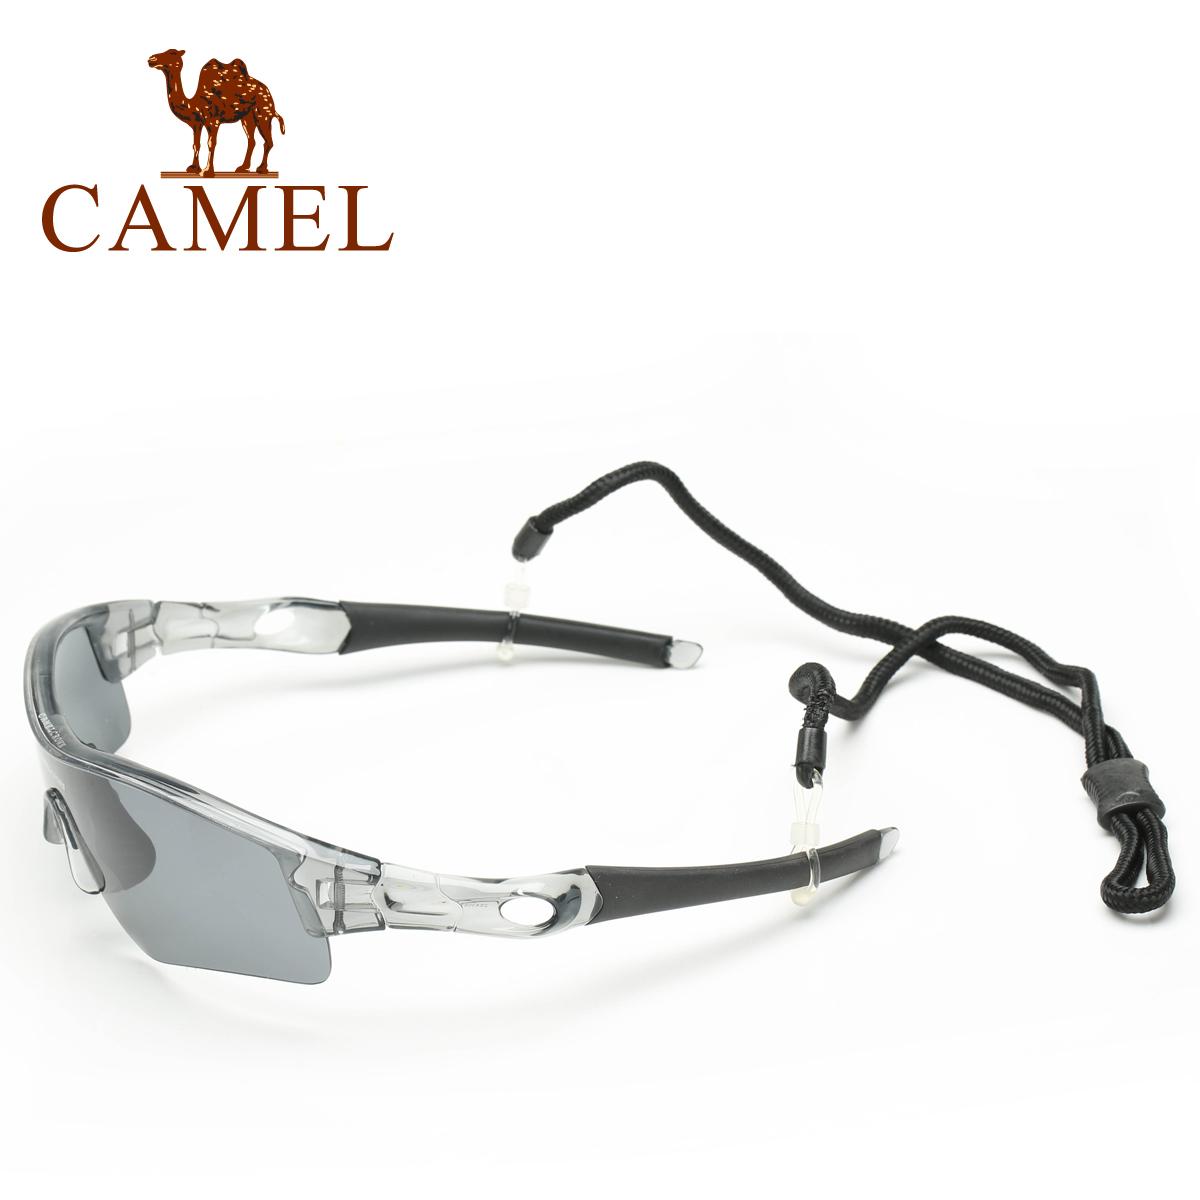 骆驼户外 运动眼镜 偏光太阳镜 骑行防风眼镜 男女款 2SA3092